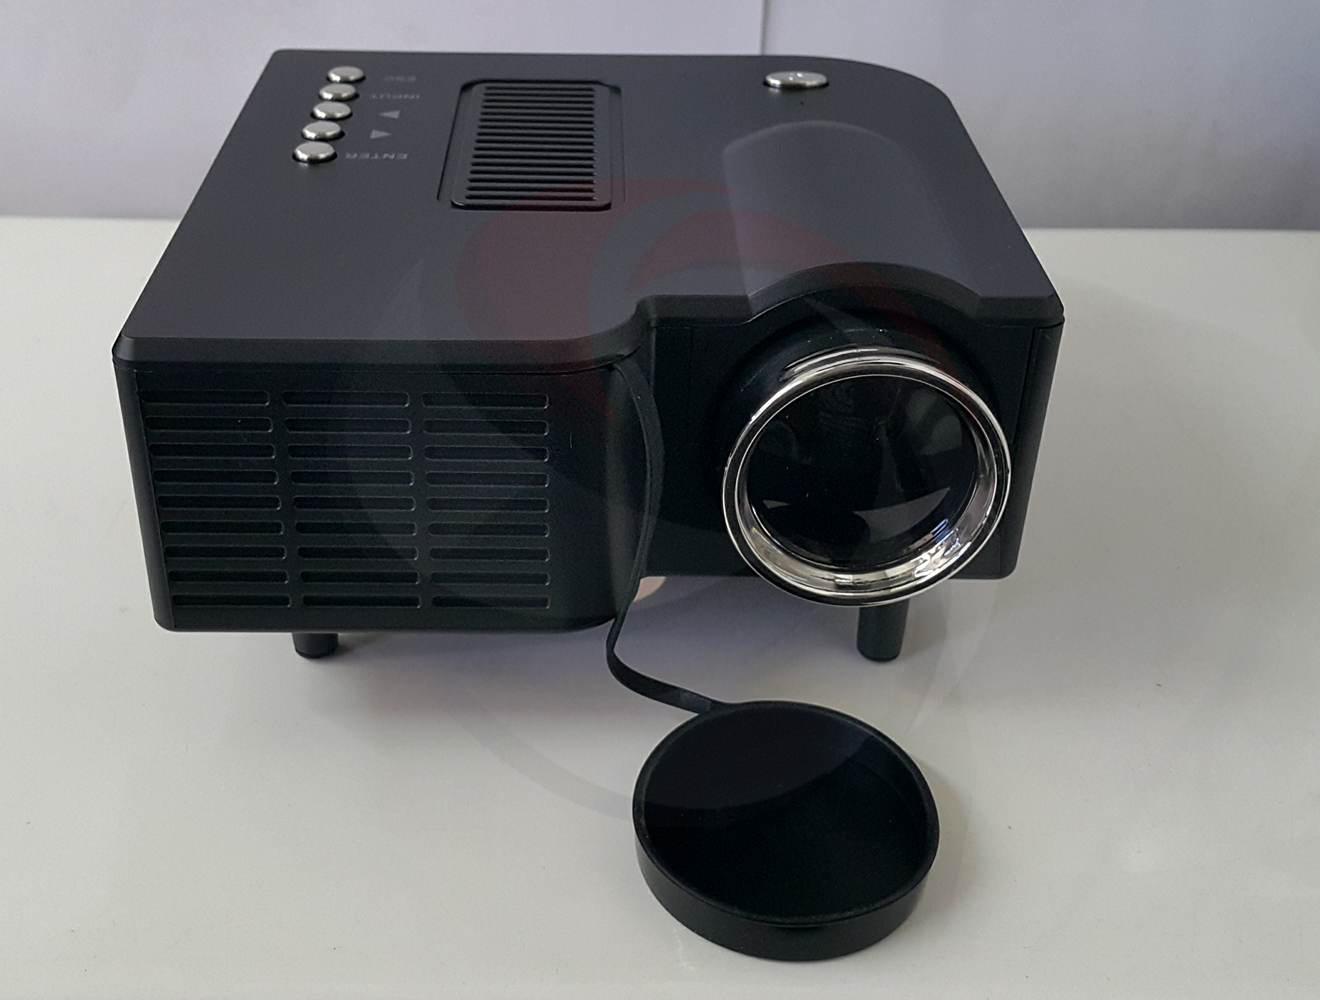 มินิโปรเจคเตอร์ mini projector unic uc28